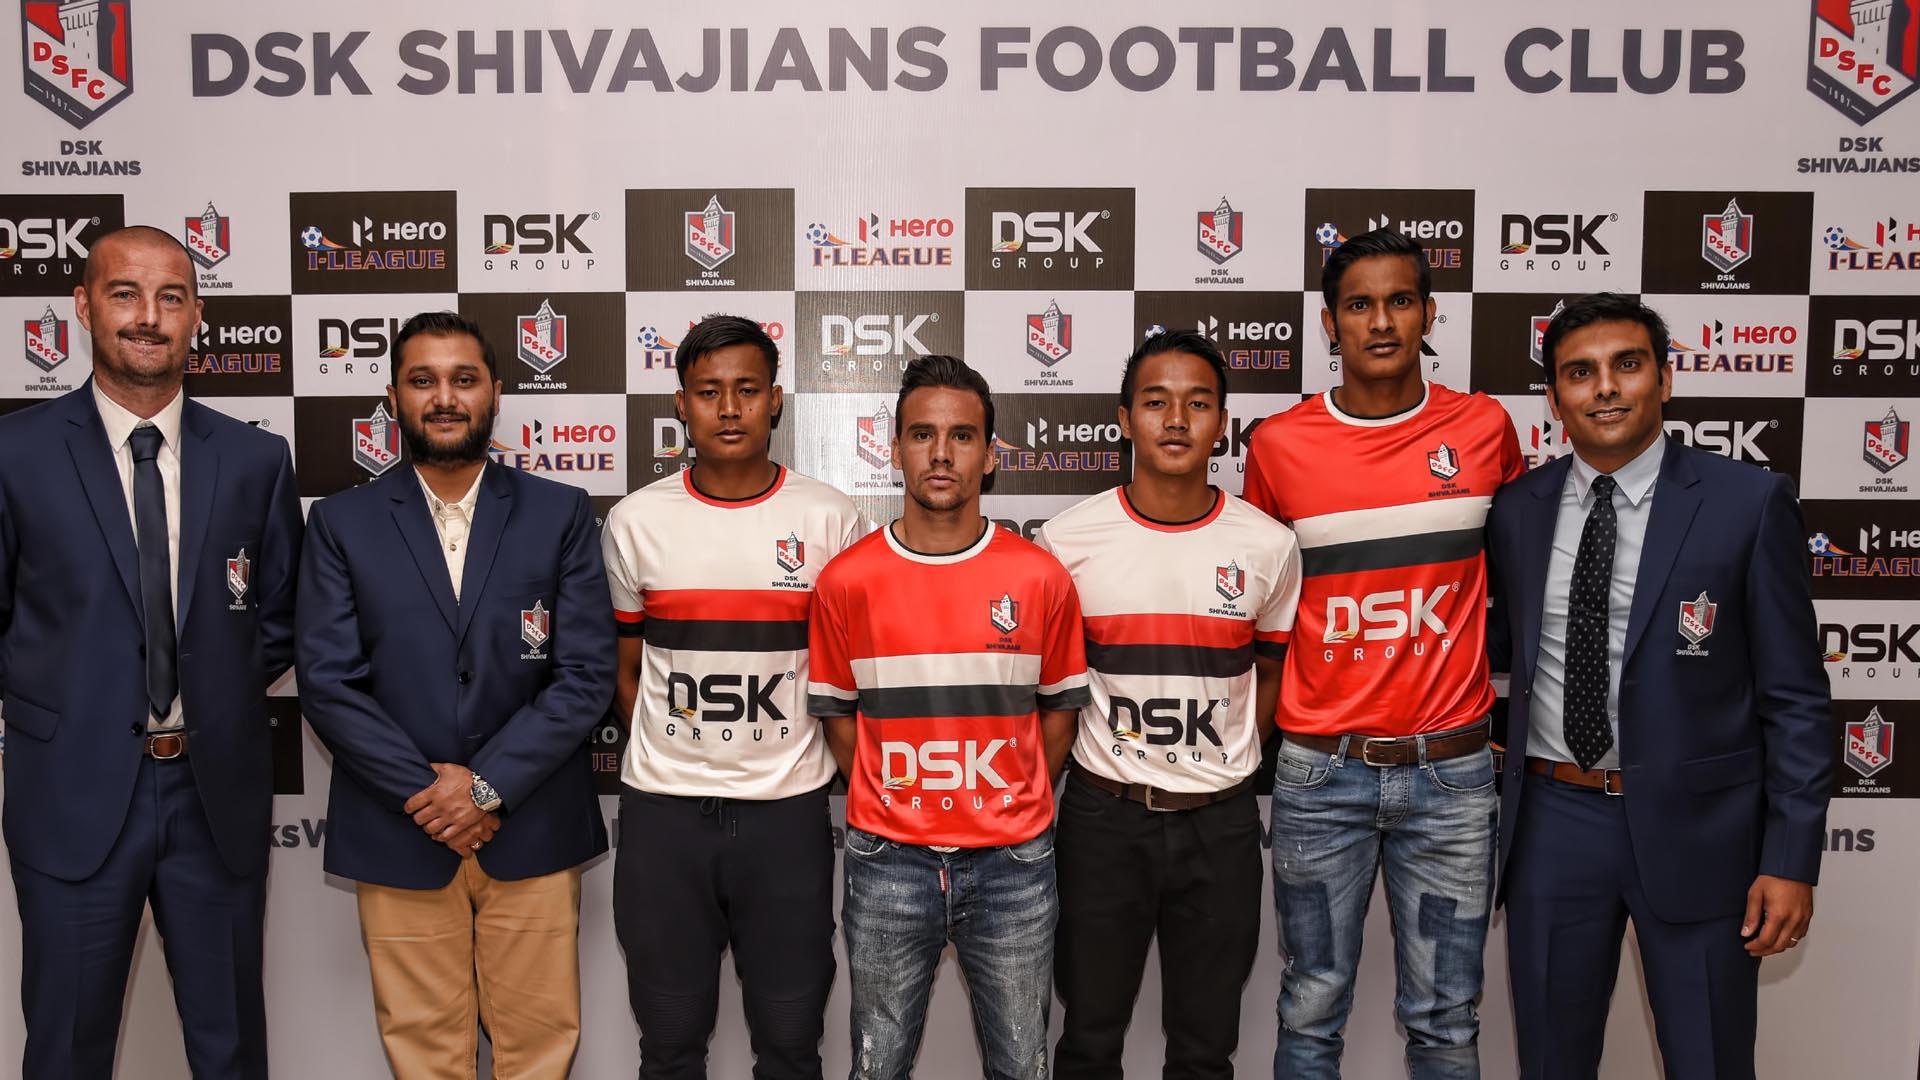 DSK Shivajians FC Press Conference